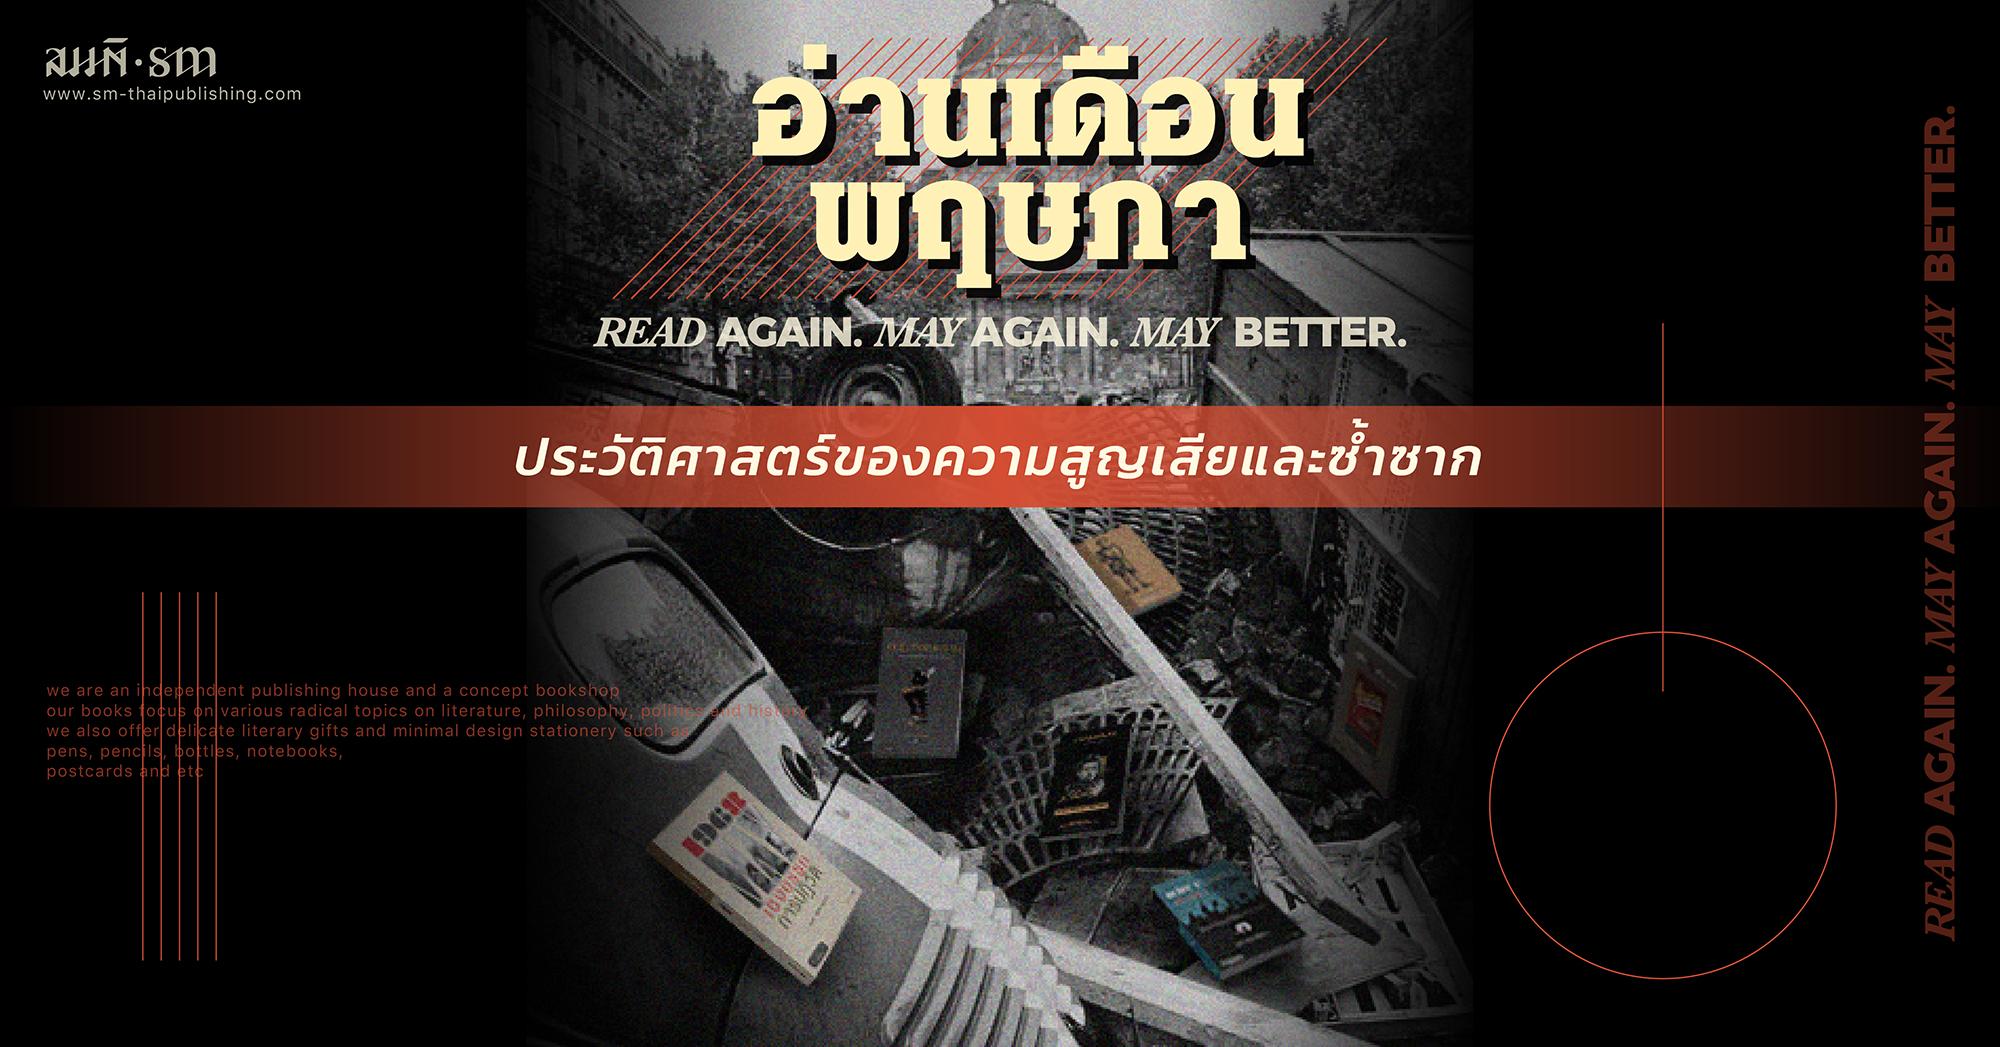 6 หนังสือน่าอ่านในเดือนพฤษภา - พอกันทีกับการสืบทอดอำนาจ!!!